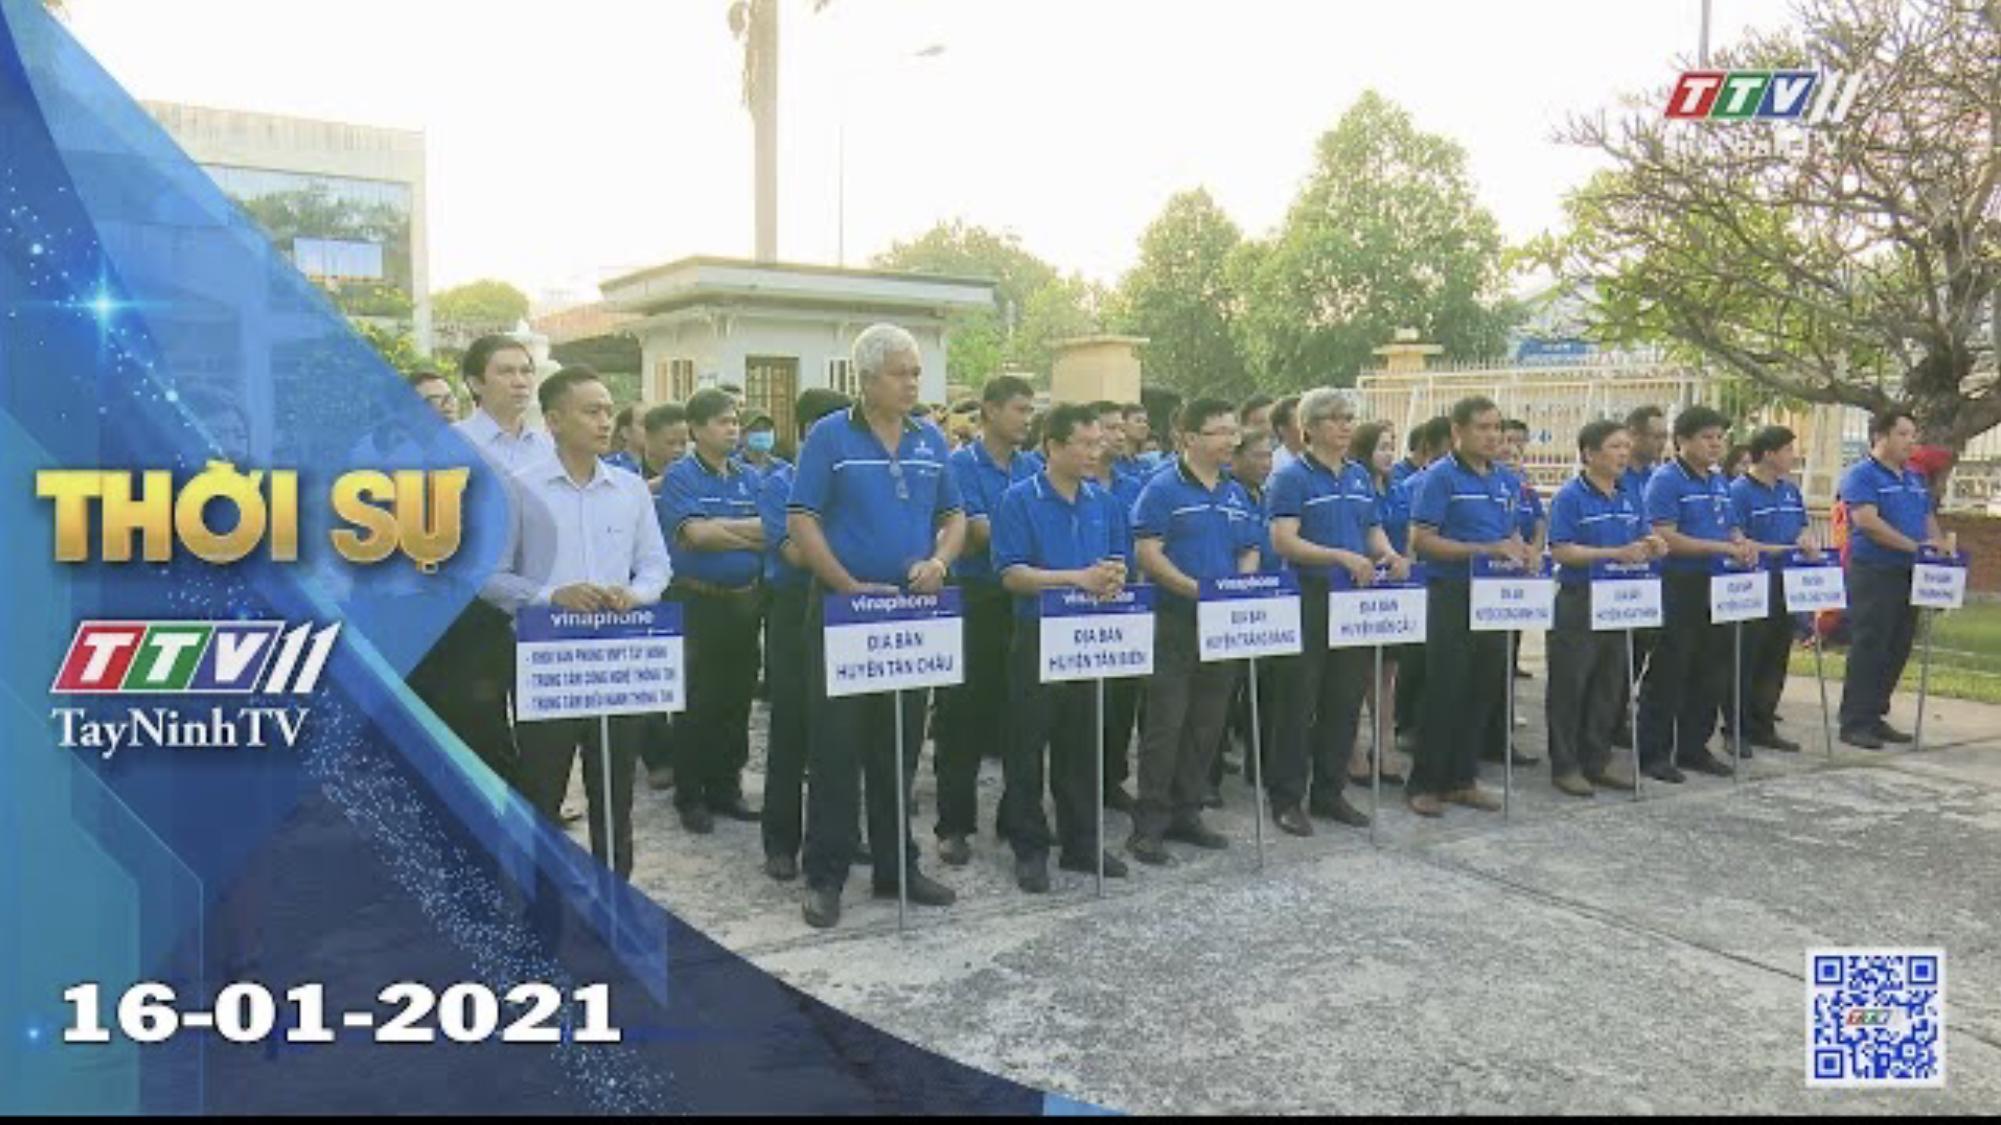 Thời sự Tây Ninh 16-01-2021 | Tin tức hôm nay | TayNinhTV